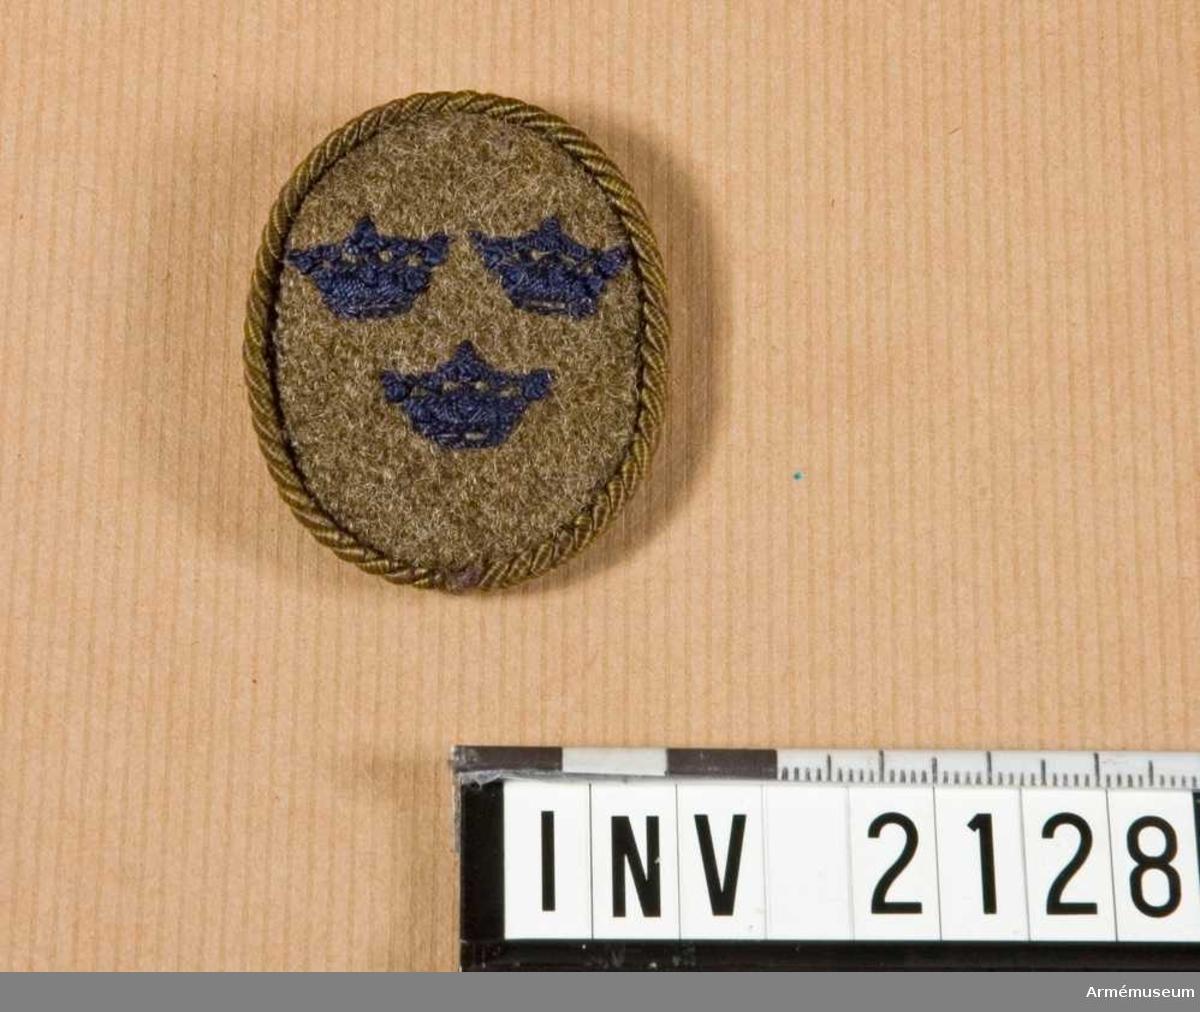 Samhörande nr är 2125-2129.Märke, t mössa, Landstormen.Av grågrönt kommisskläde i oval form, uppspänd på pappskiva. Broderad med mörkblå kronor, två och en. Omgiven av silkesnodd i  samma färg som klädet. På baksidan spänt bomullstyg, svart. Skall fästas framtill på mössan. Använd av M Öbergs svärfar E H  D Petersson som till 1918 var plutonchef för Stockholms södra  landstormsområde nr 45.